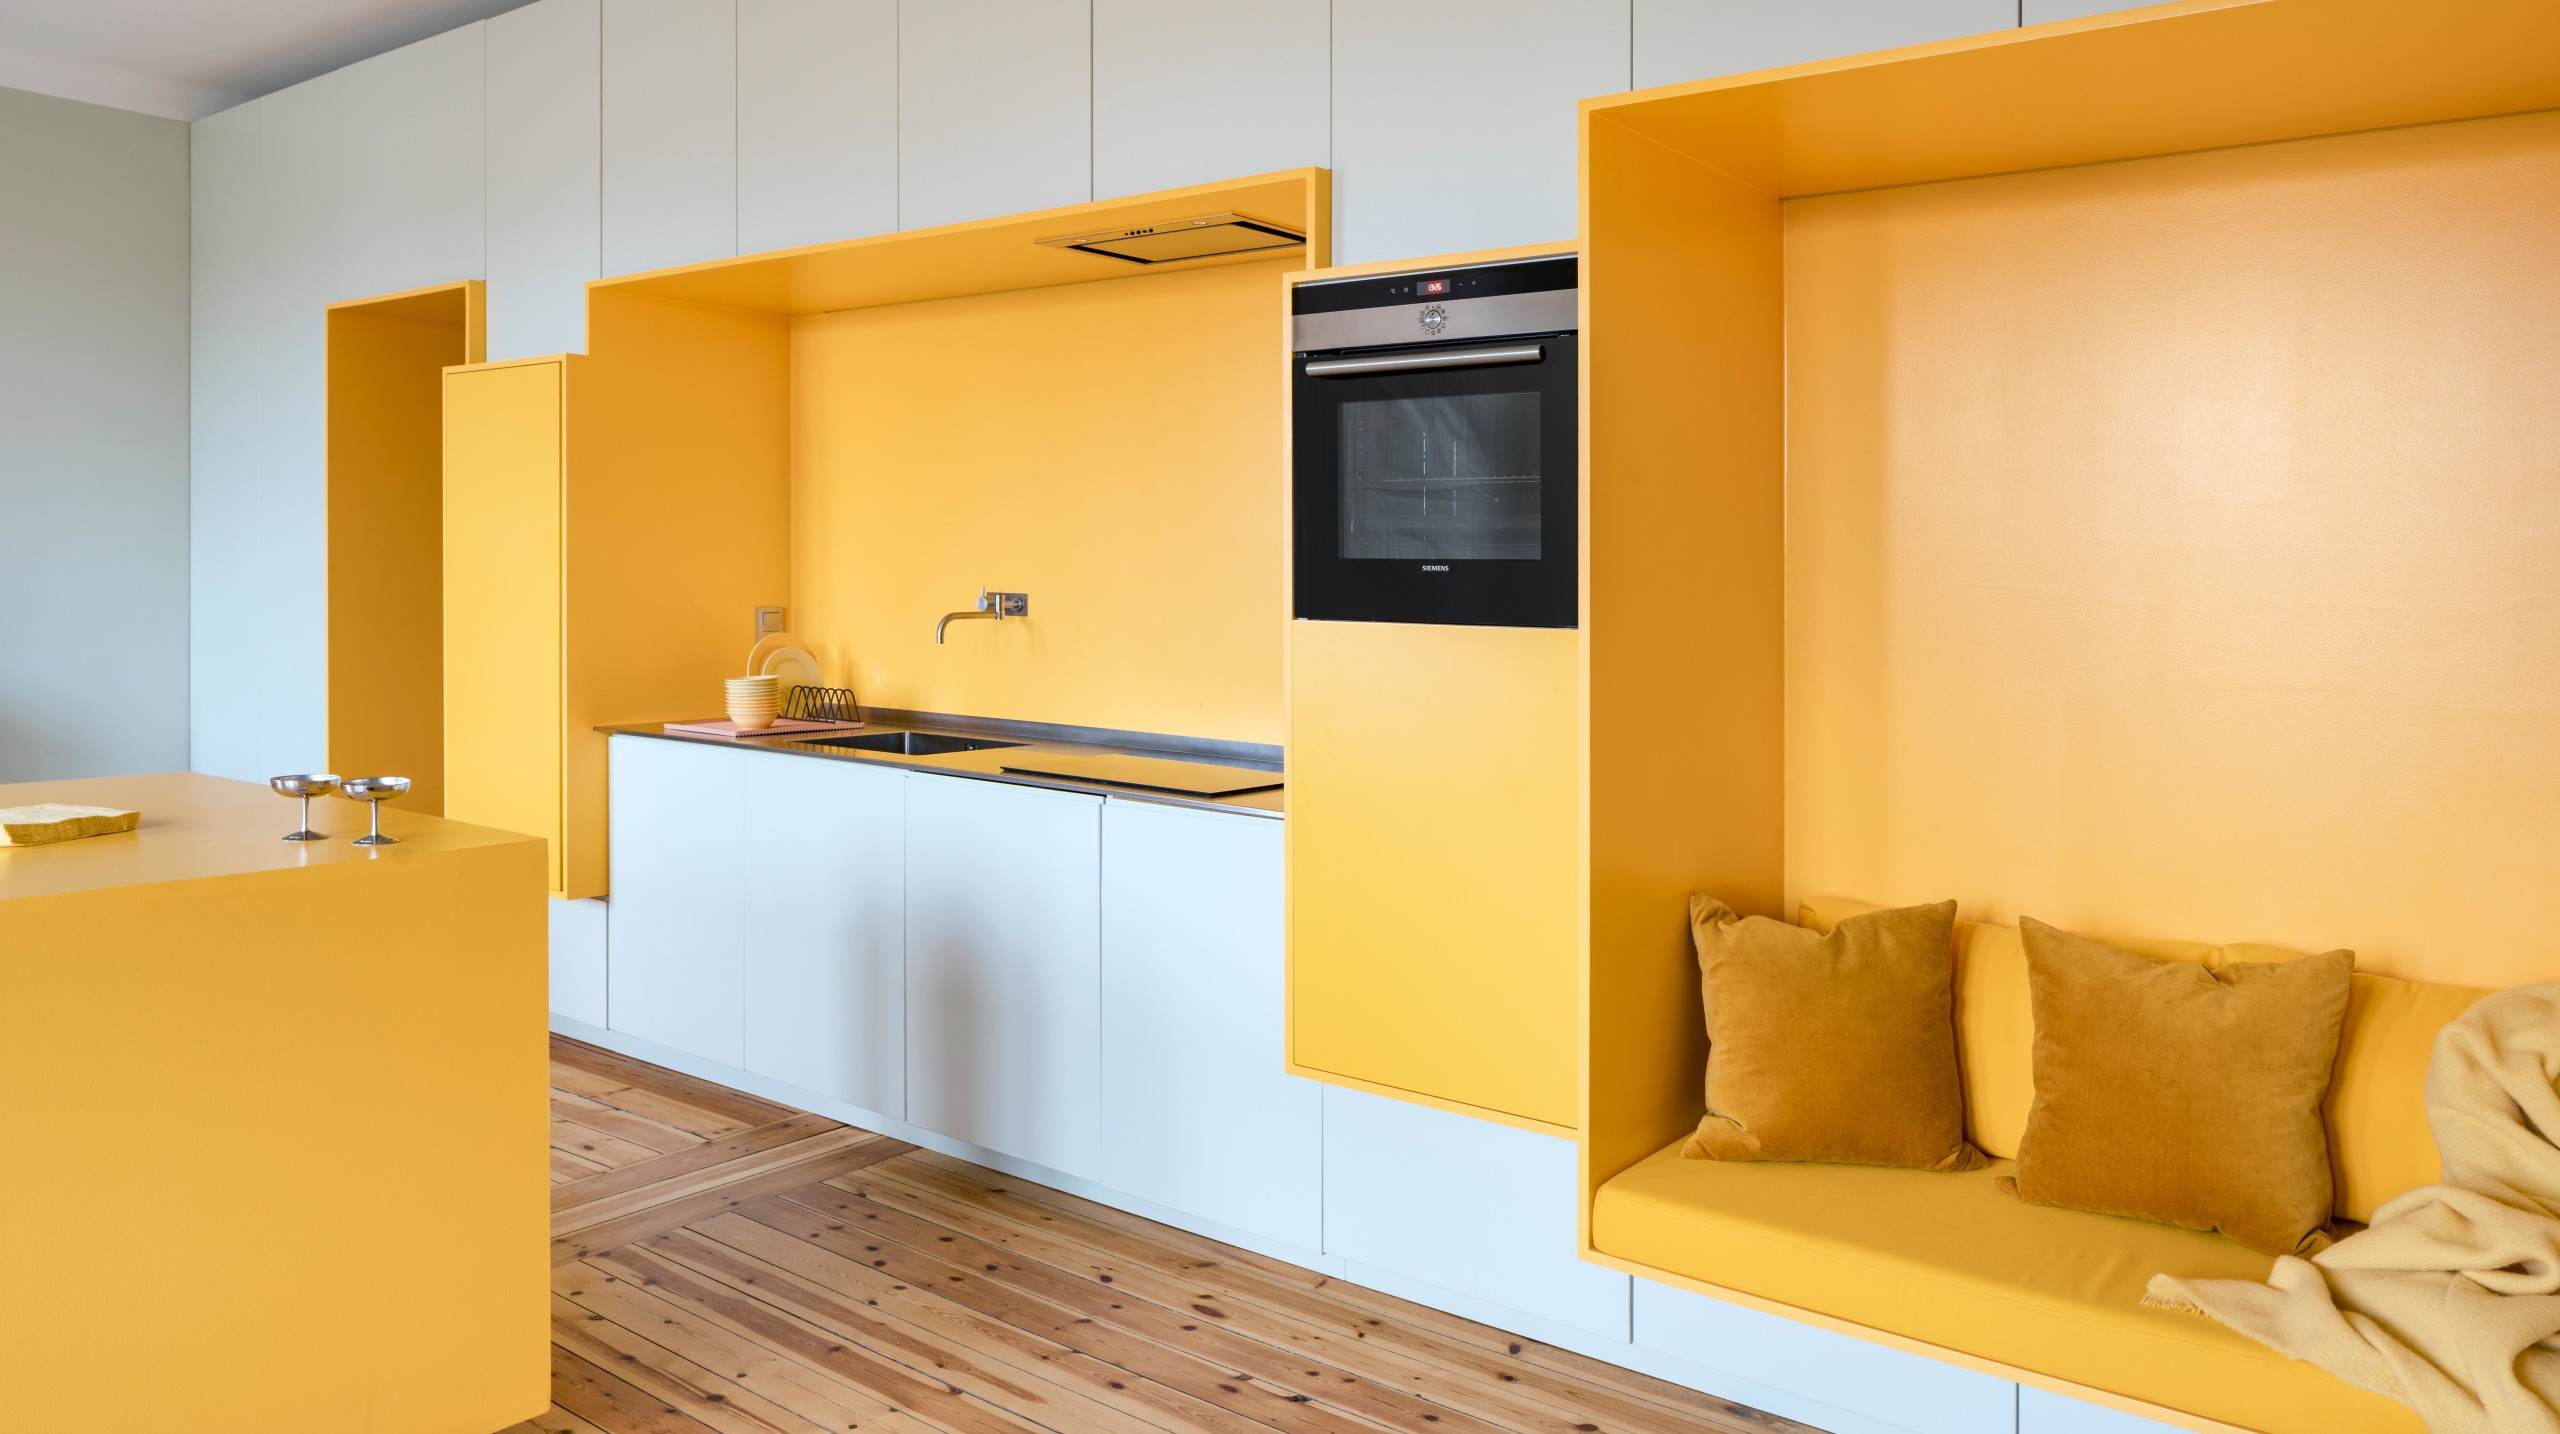 Function Walls av David Lookofsky, fotograferat av arkitekturfotograf Mattias Hamrén.